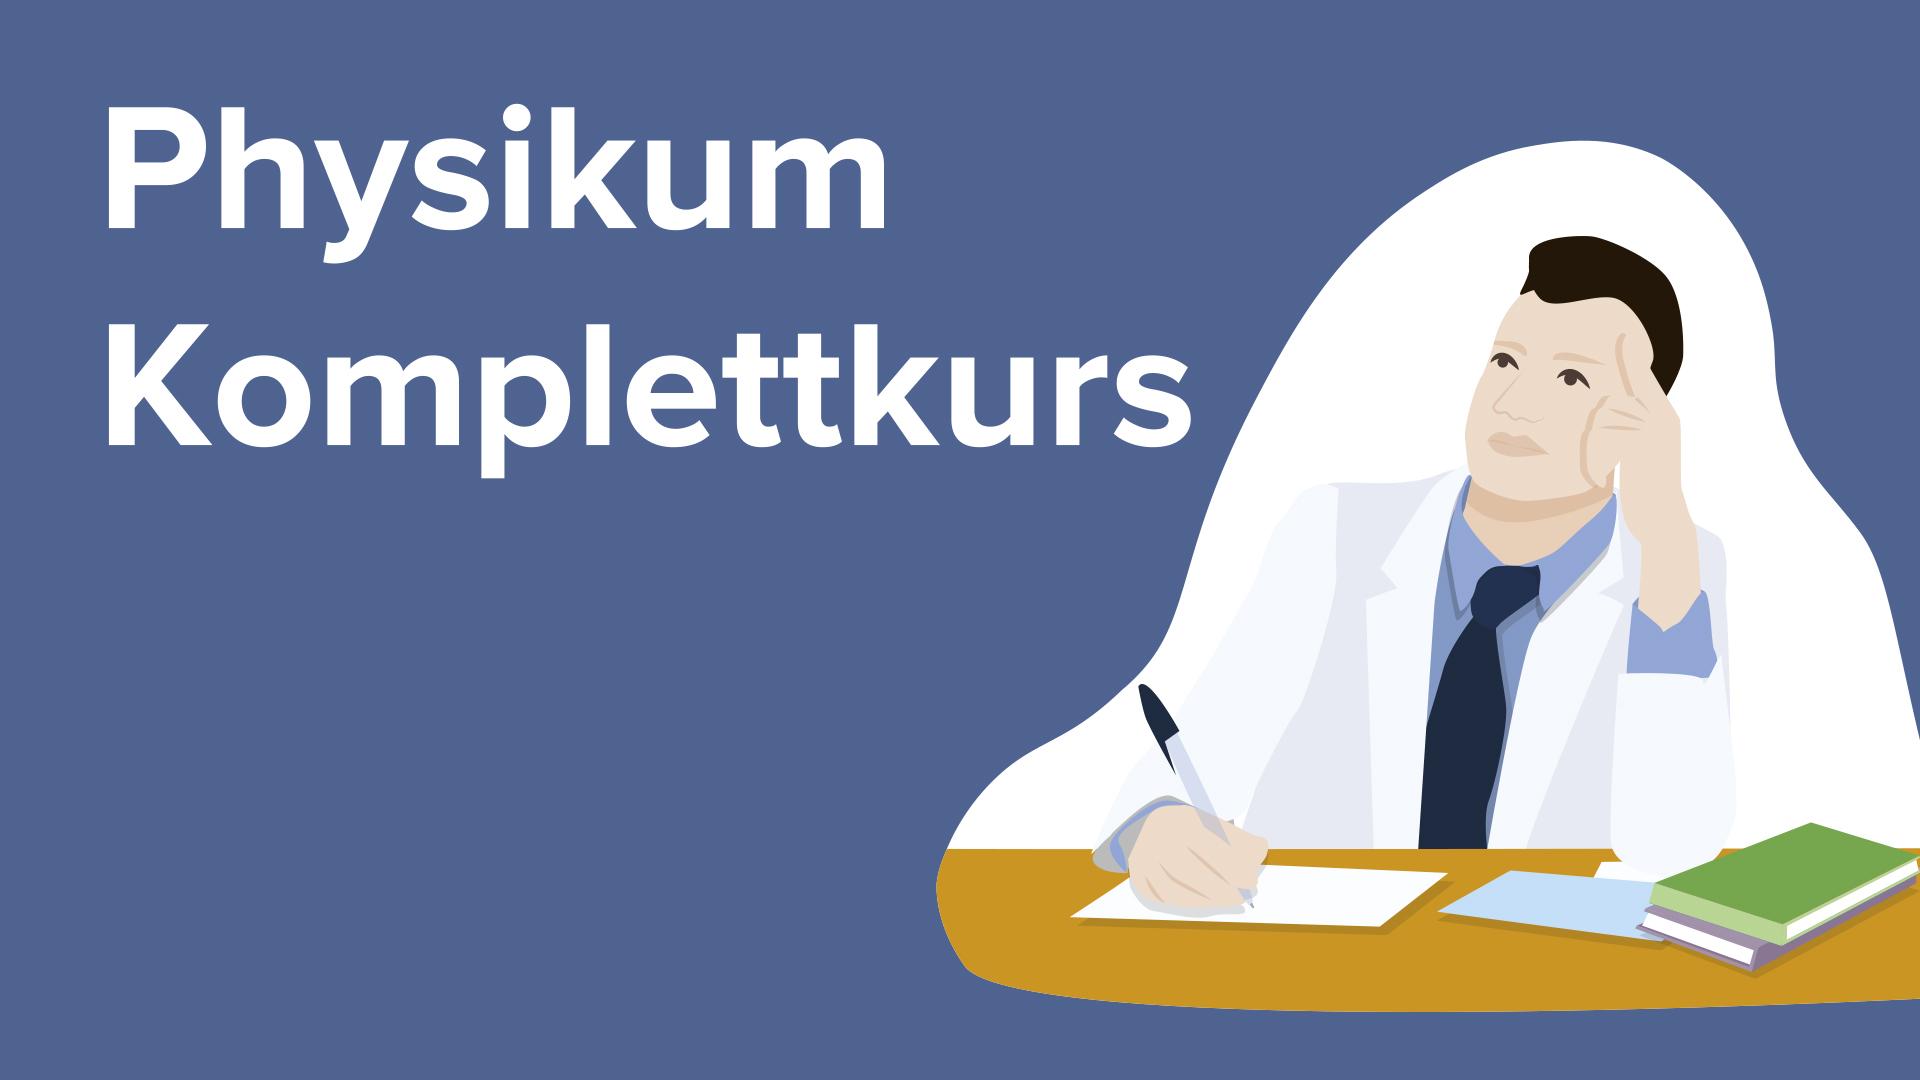 Physikum Kurs & Ratgeber – Alle Infos zur 20. Ärztlichen Prüfung